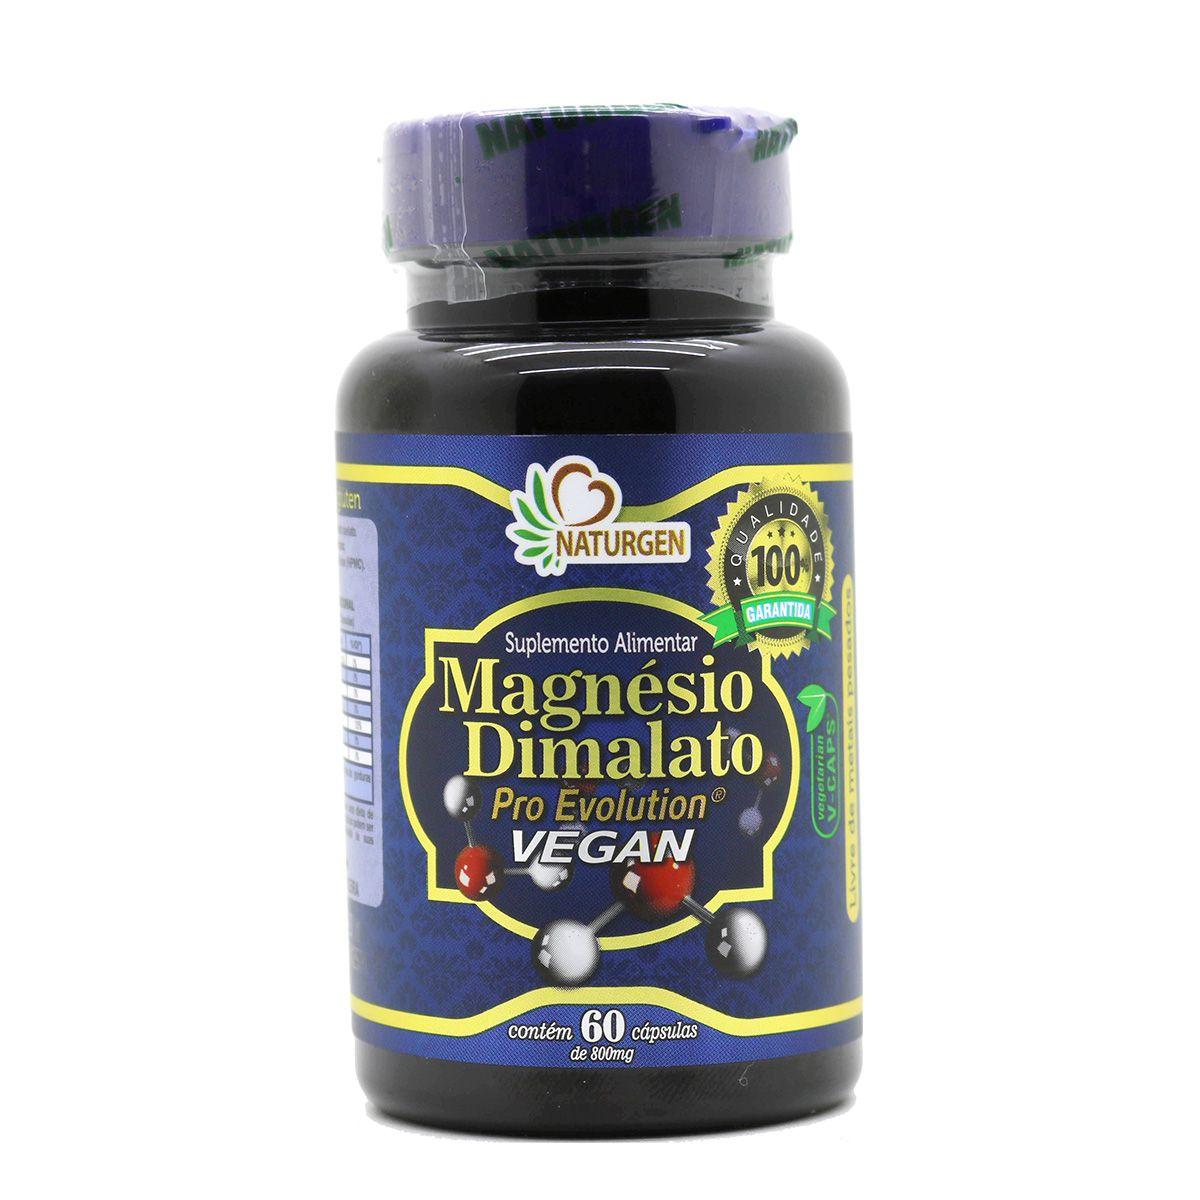 6 Magnesio Dimalato Pro 60 Capsulas - Vegano Puro 800mg